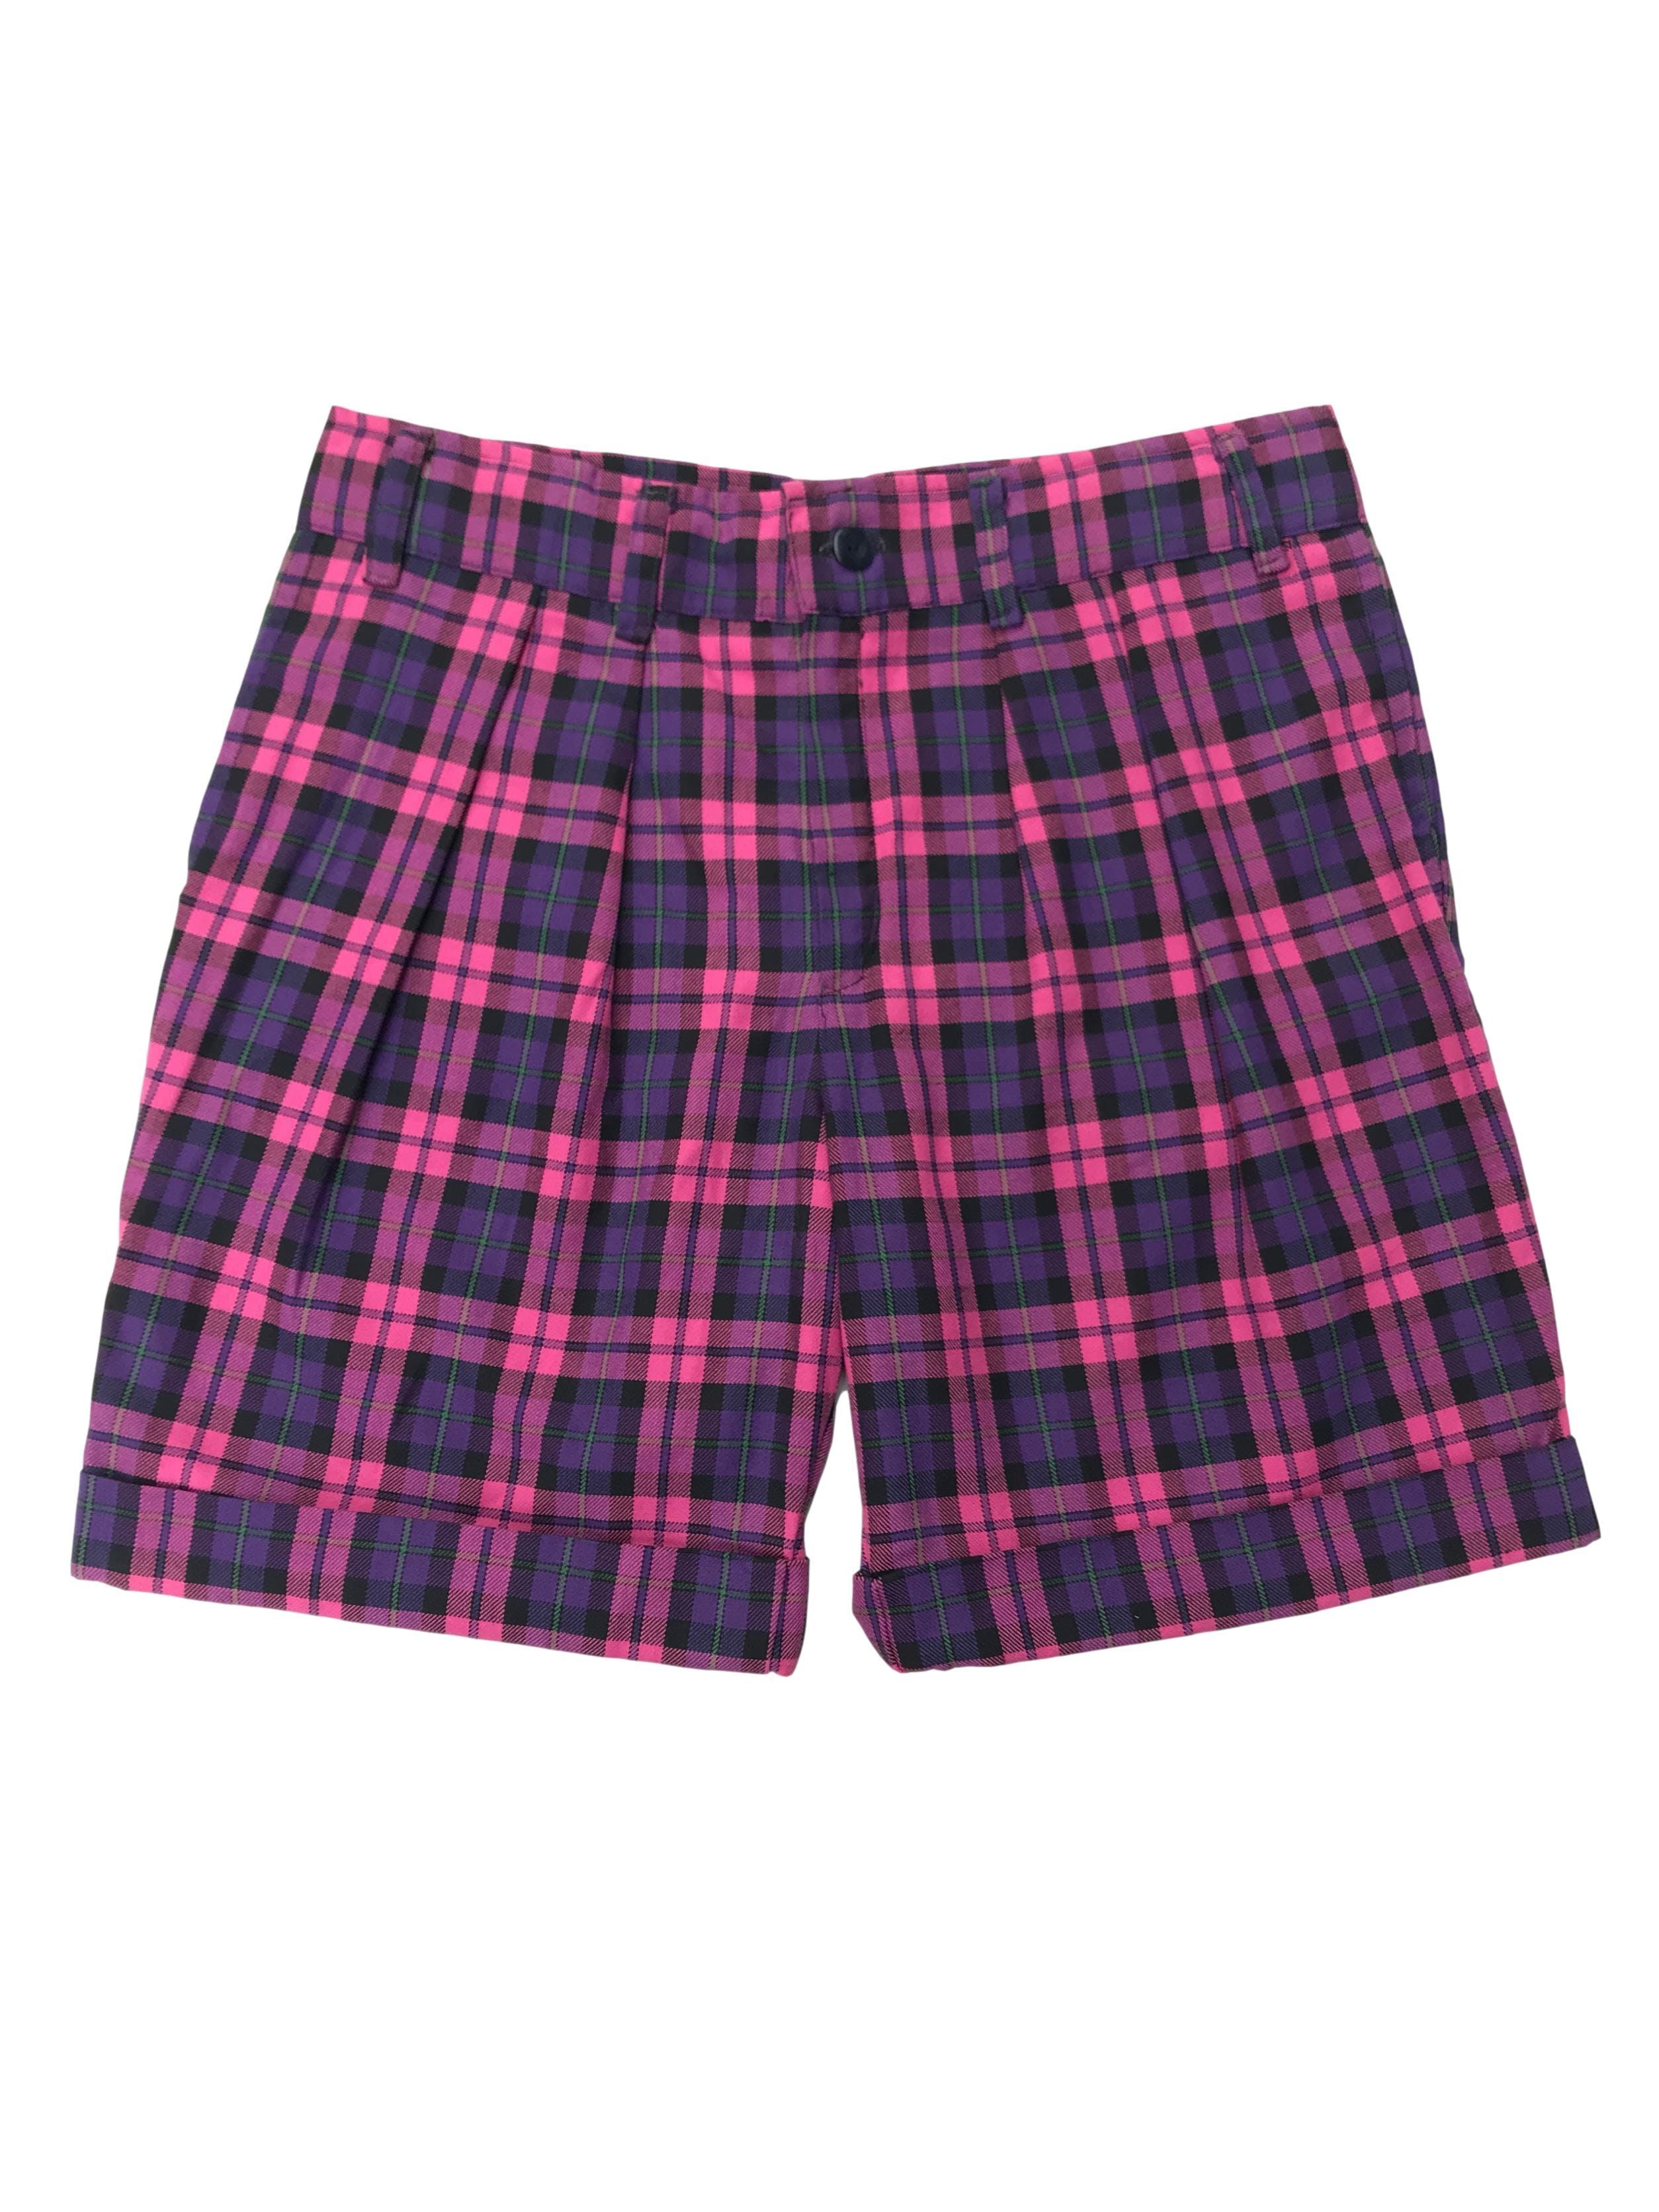 Short a cuadros morados y rosados, con dobladillo en la basta, bolsillos laterales. Pretina 86vm Largo 48cm